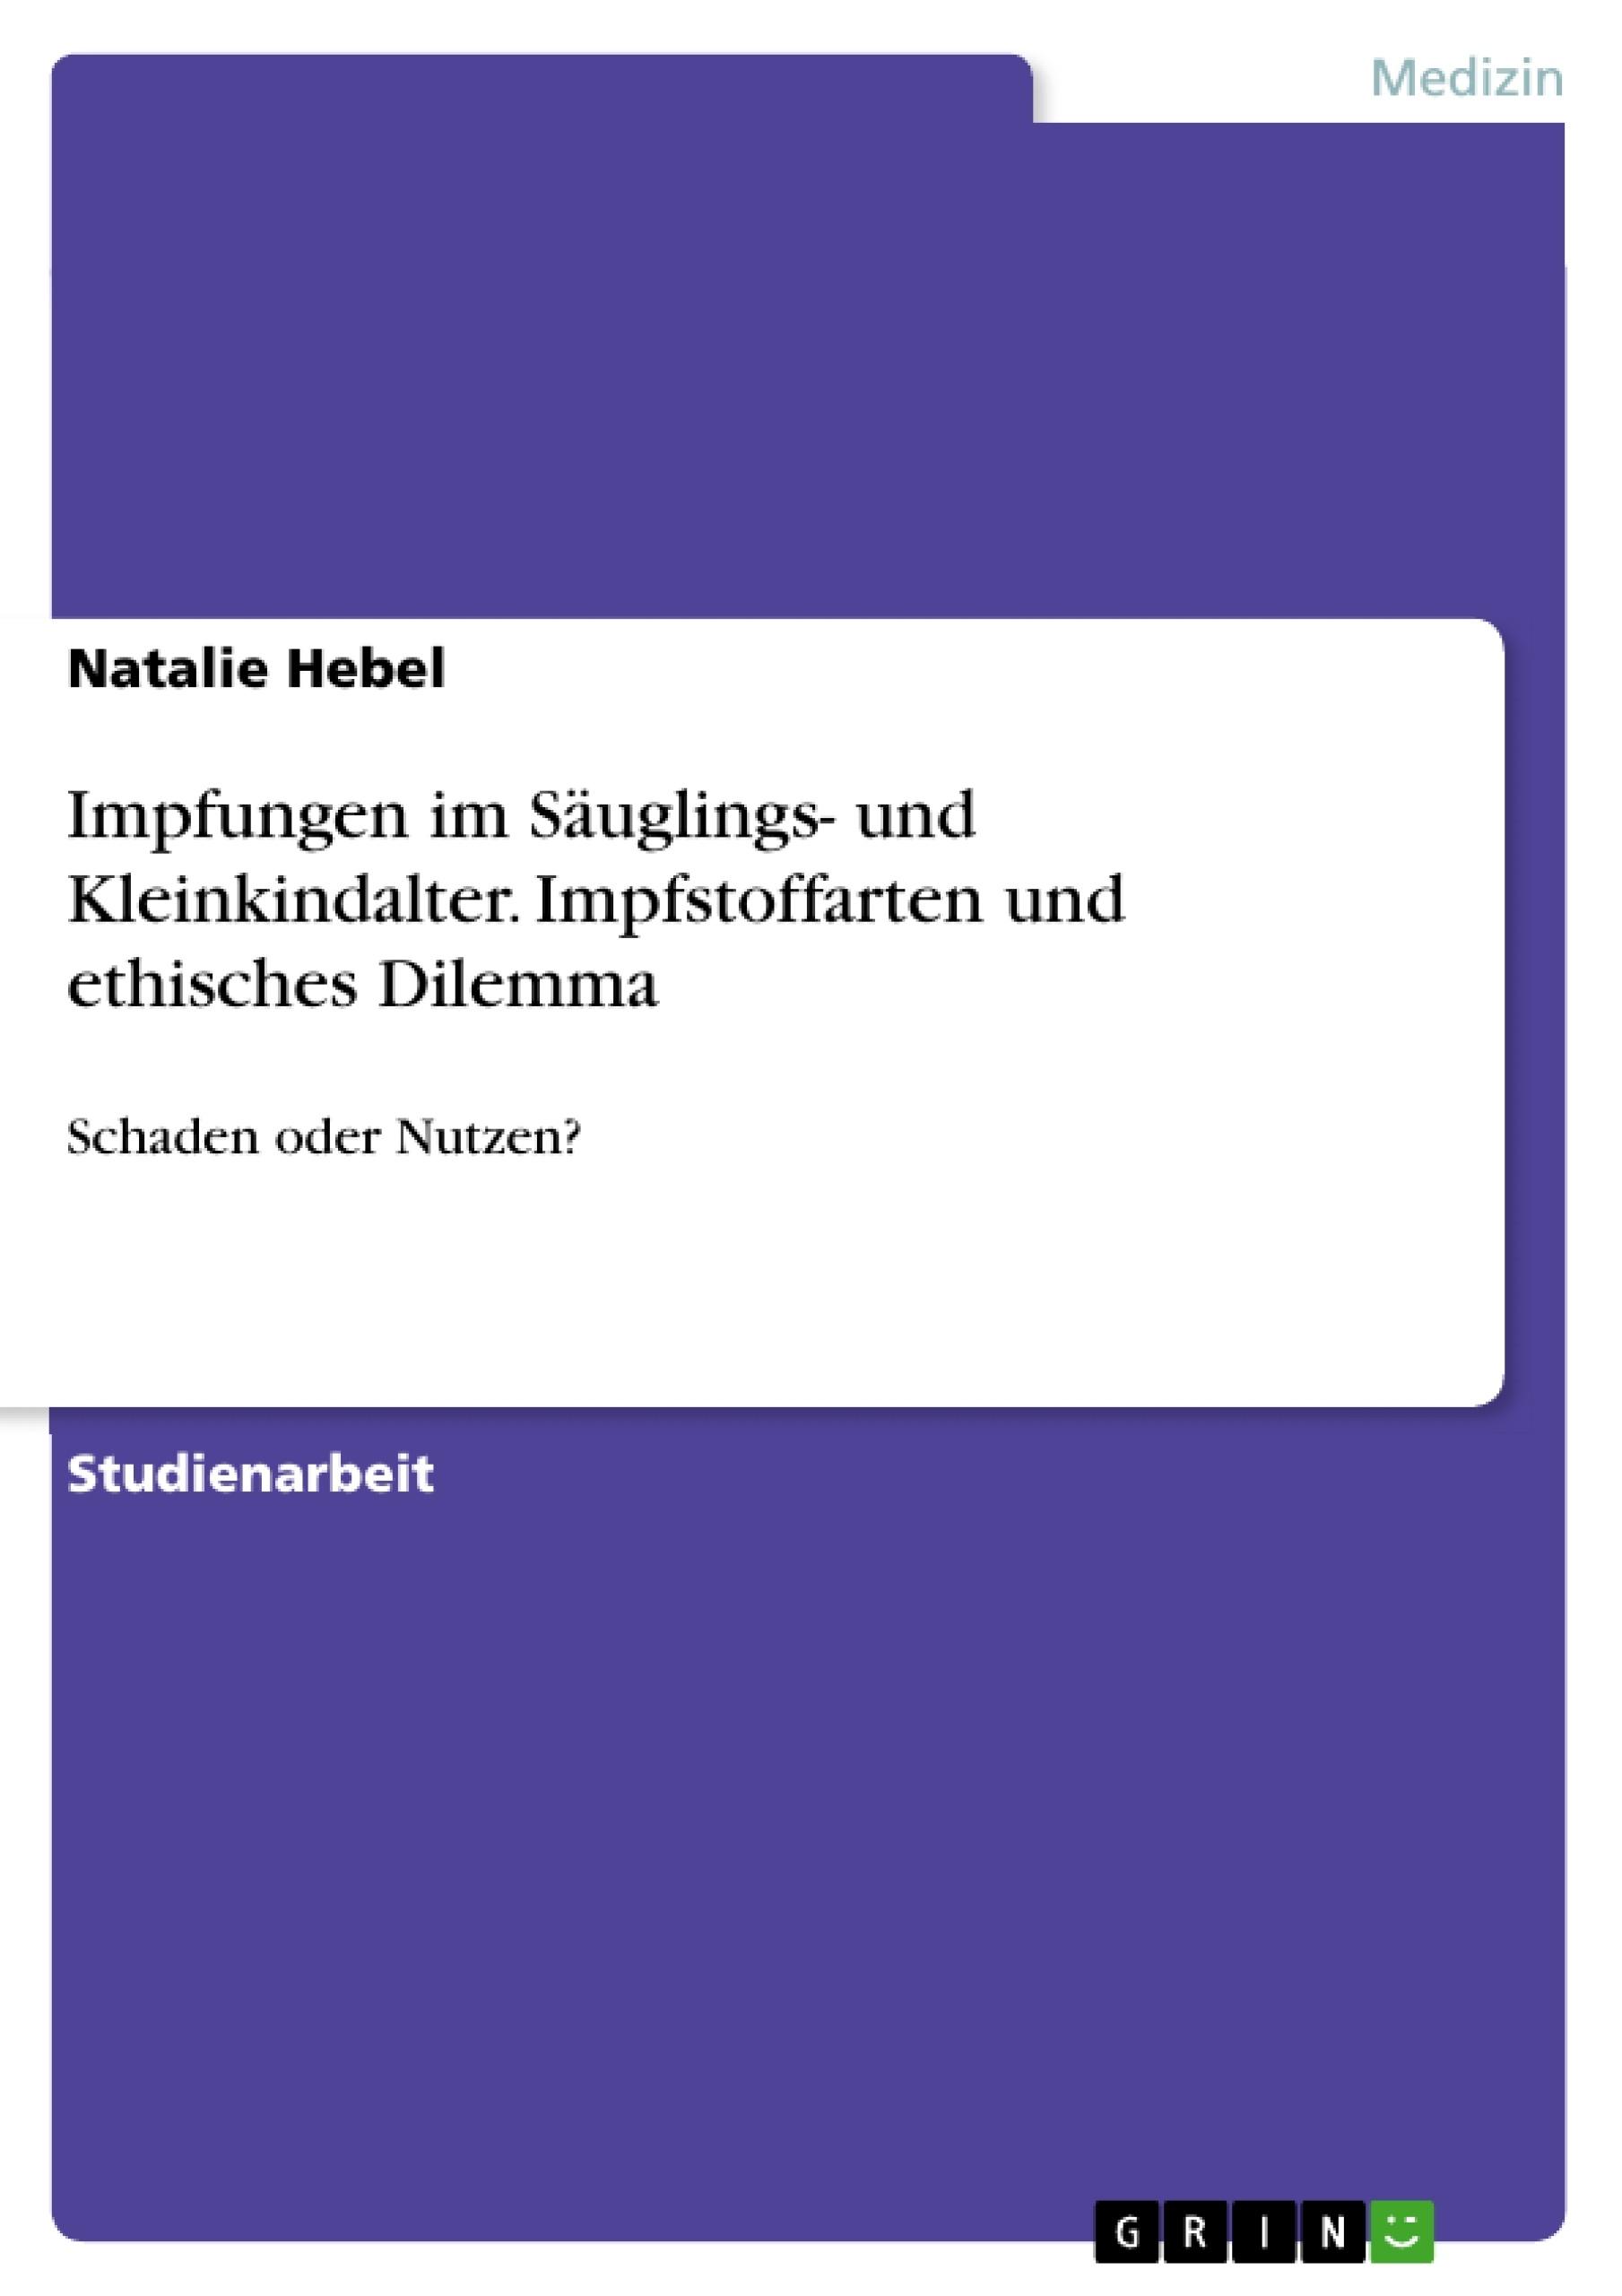 Titel: Impfungen im Säuglings- und Kleinkindalter. Impfstoffarten und ethisches Dilemma